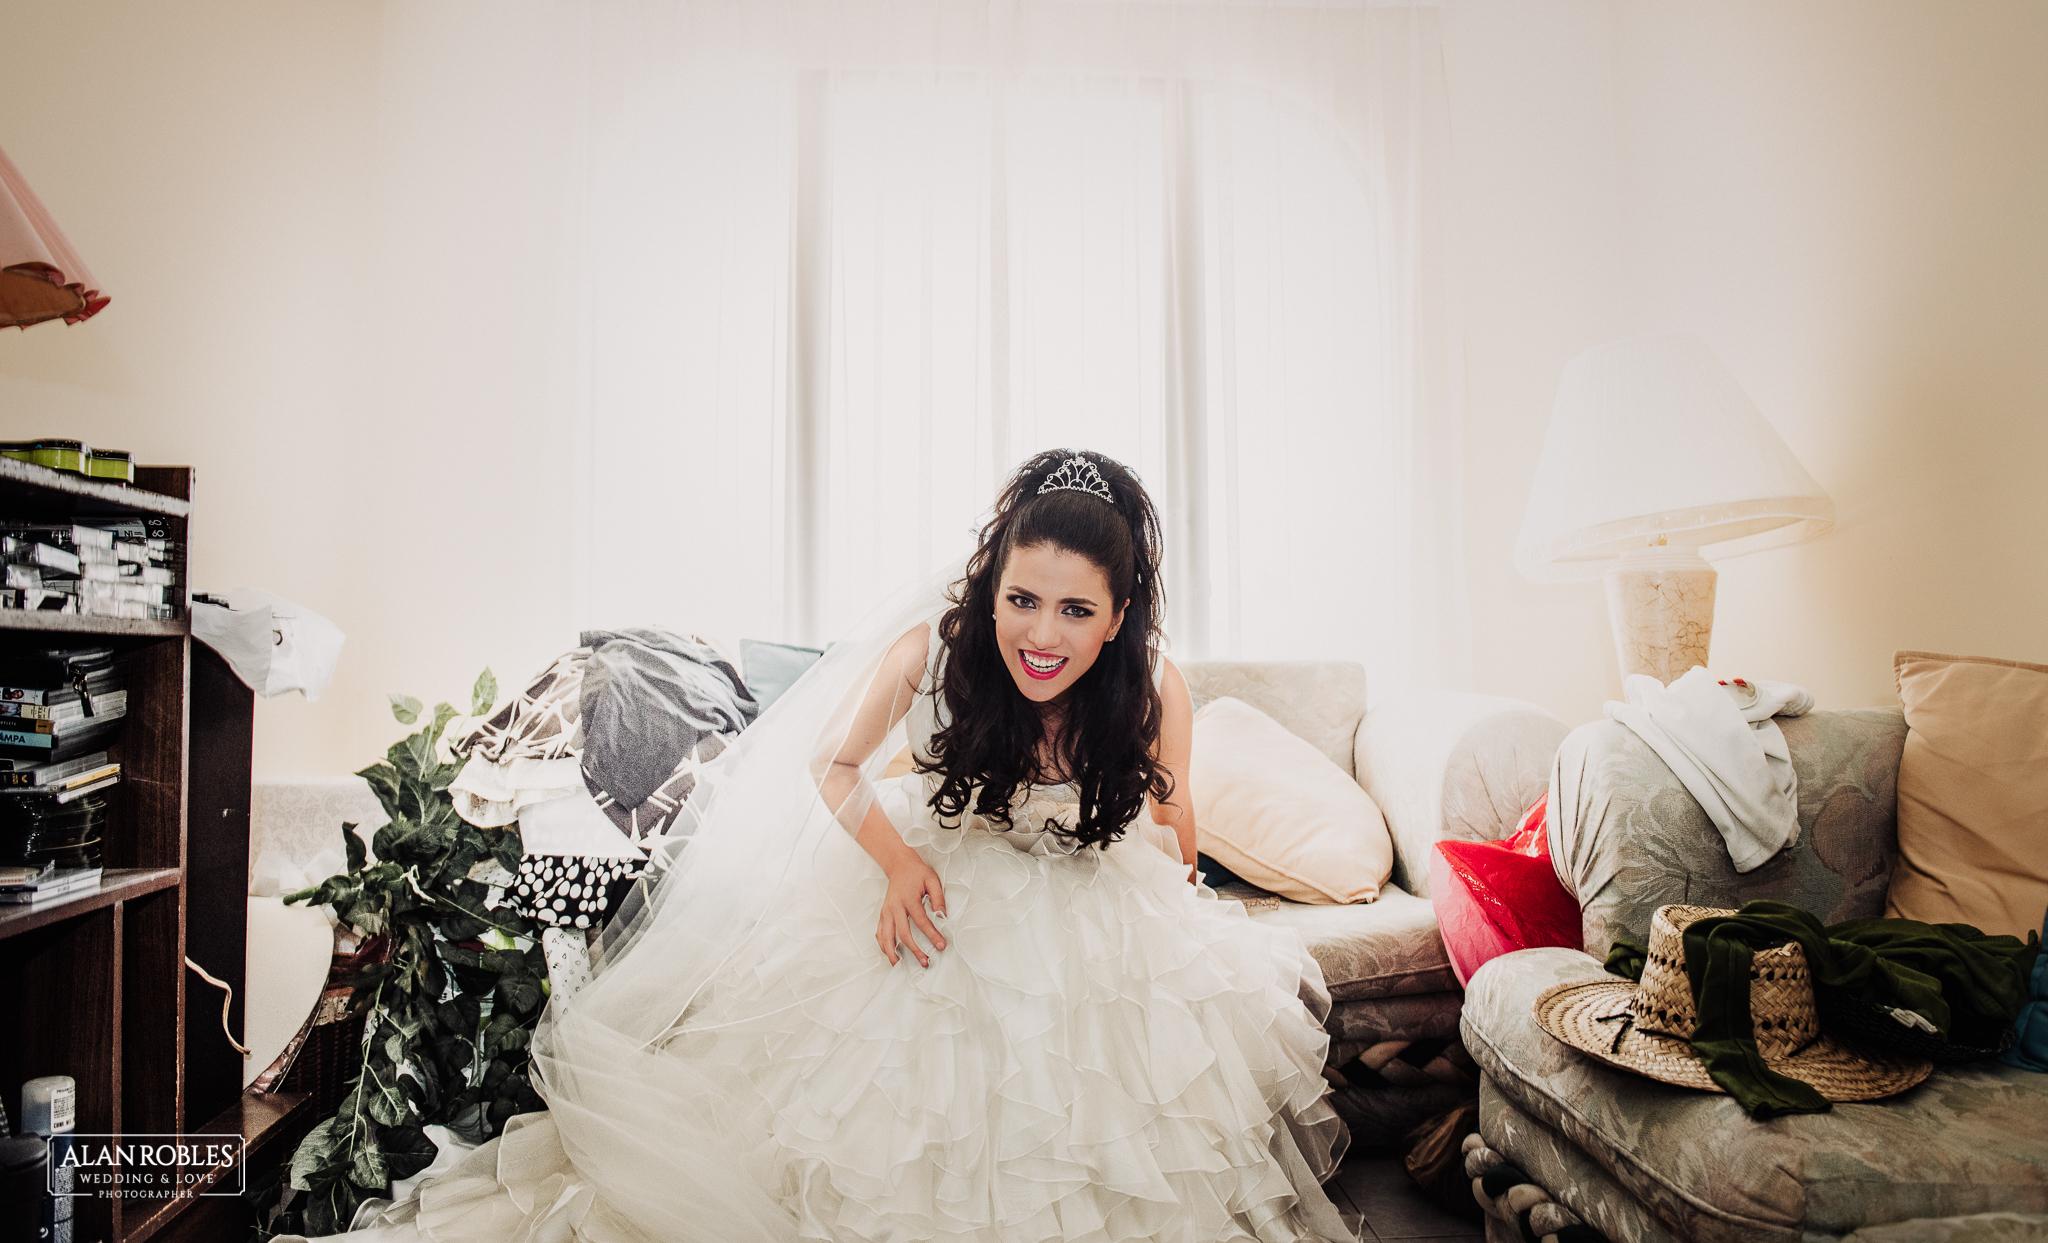 Retrato de la Novia en Getting Ready para su boda. Mejores fotos de boda, Wedding moments. El mejor fotografo de bodas en Guadalajara Alan Robles Wedding Photographer.